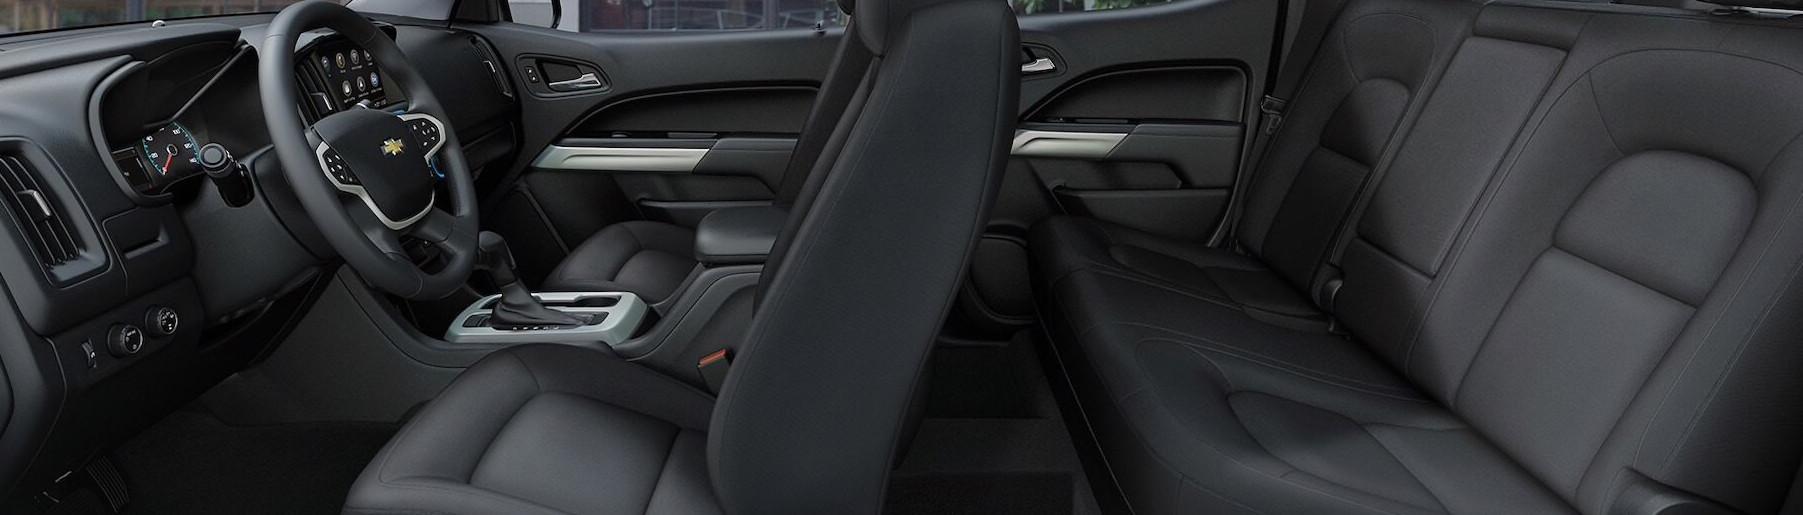 2020 Chevrolet Colorado Interior